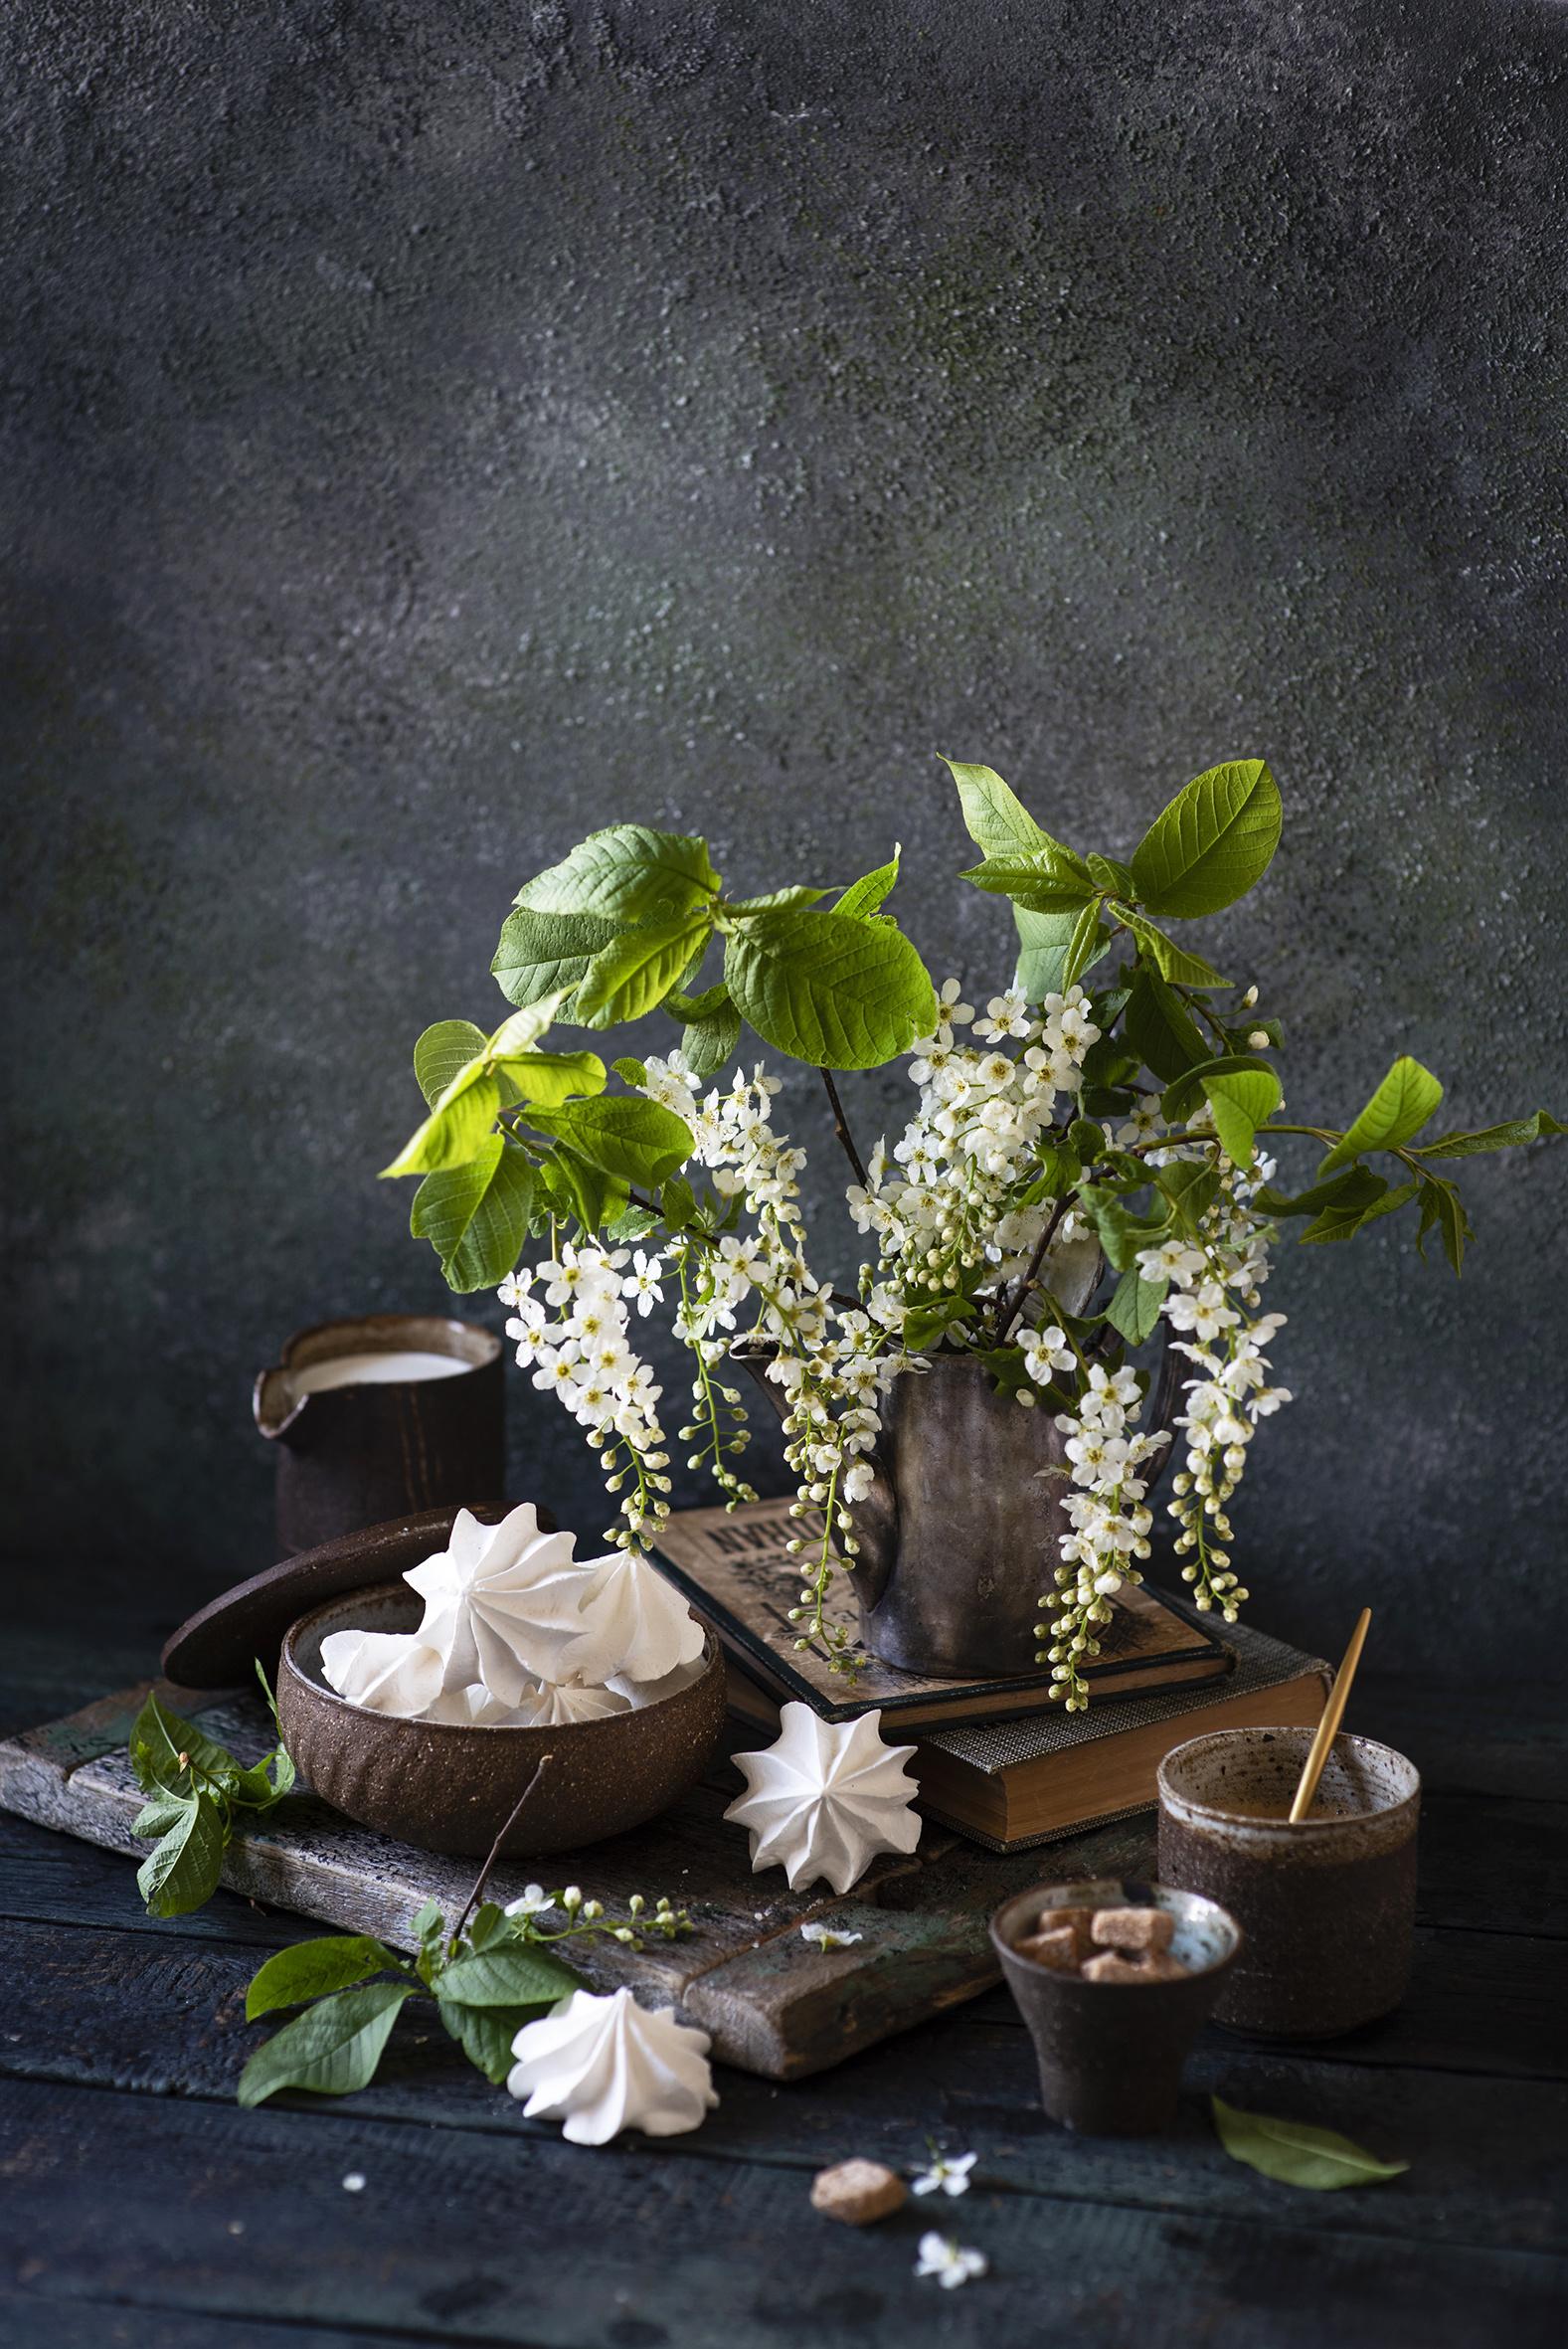 、花の咲く木、Zefir、静物画、枝、食べ物、食品、用 携帯電話